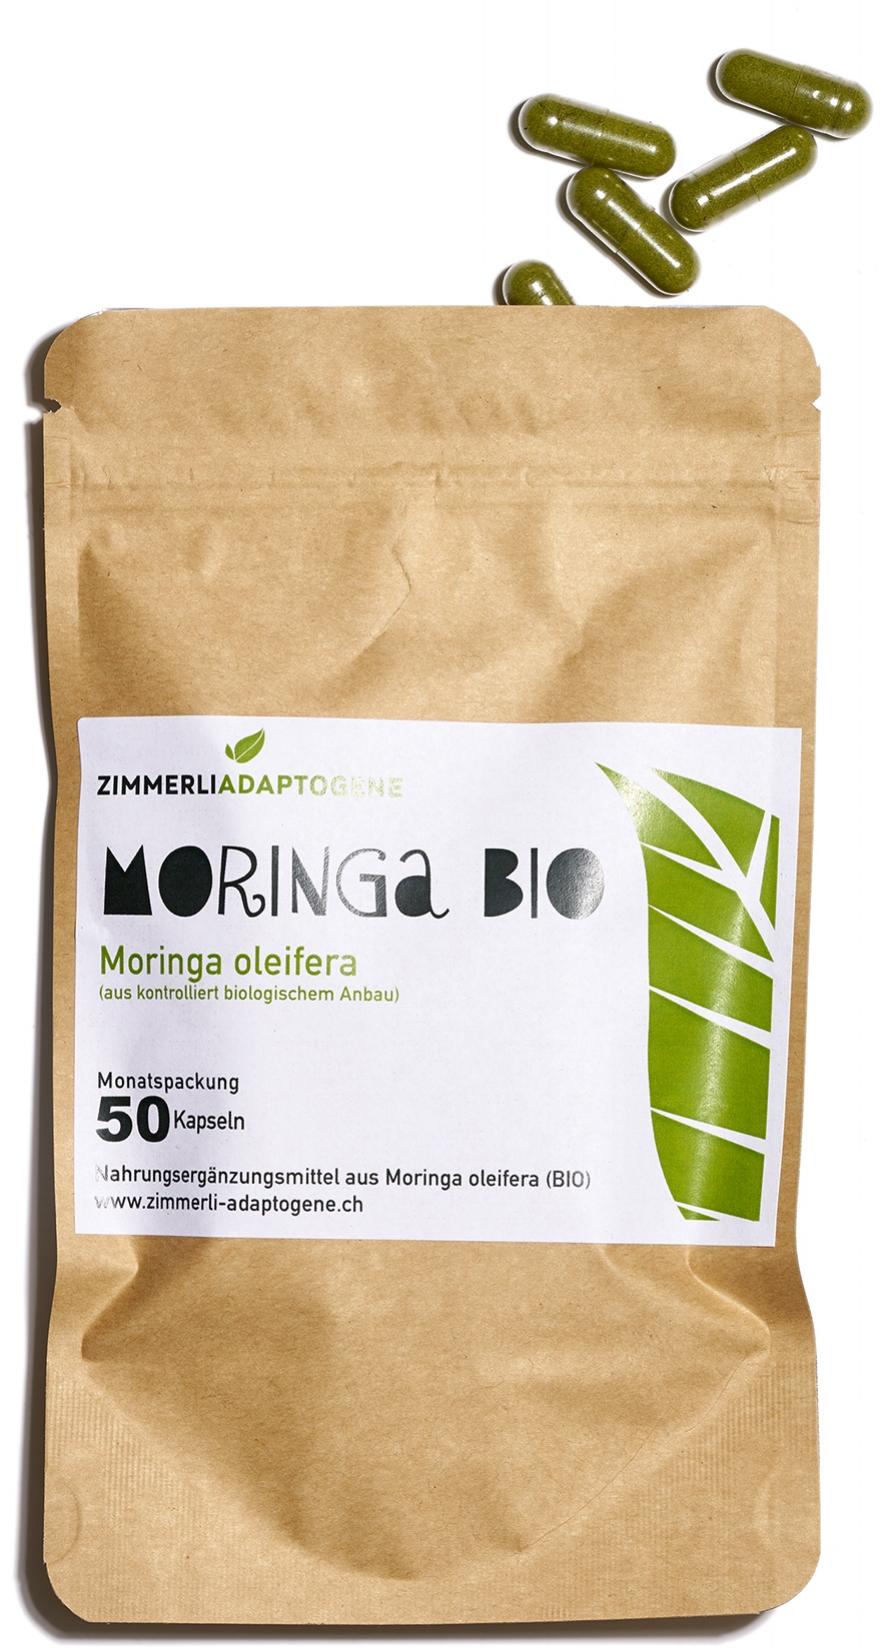 Moringa Olifeira in Karton Verpackung